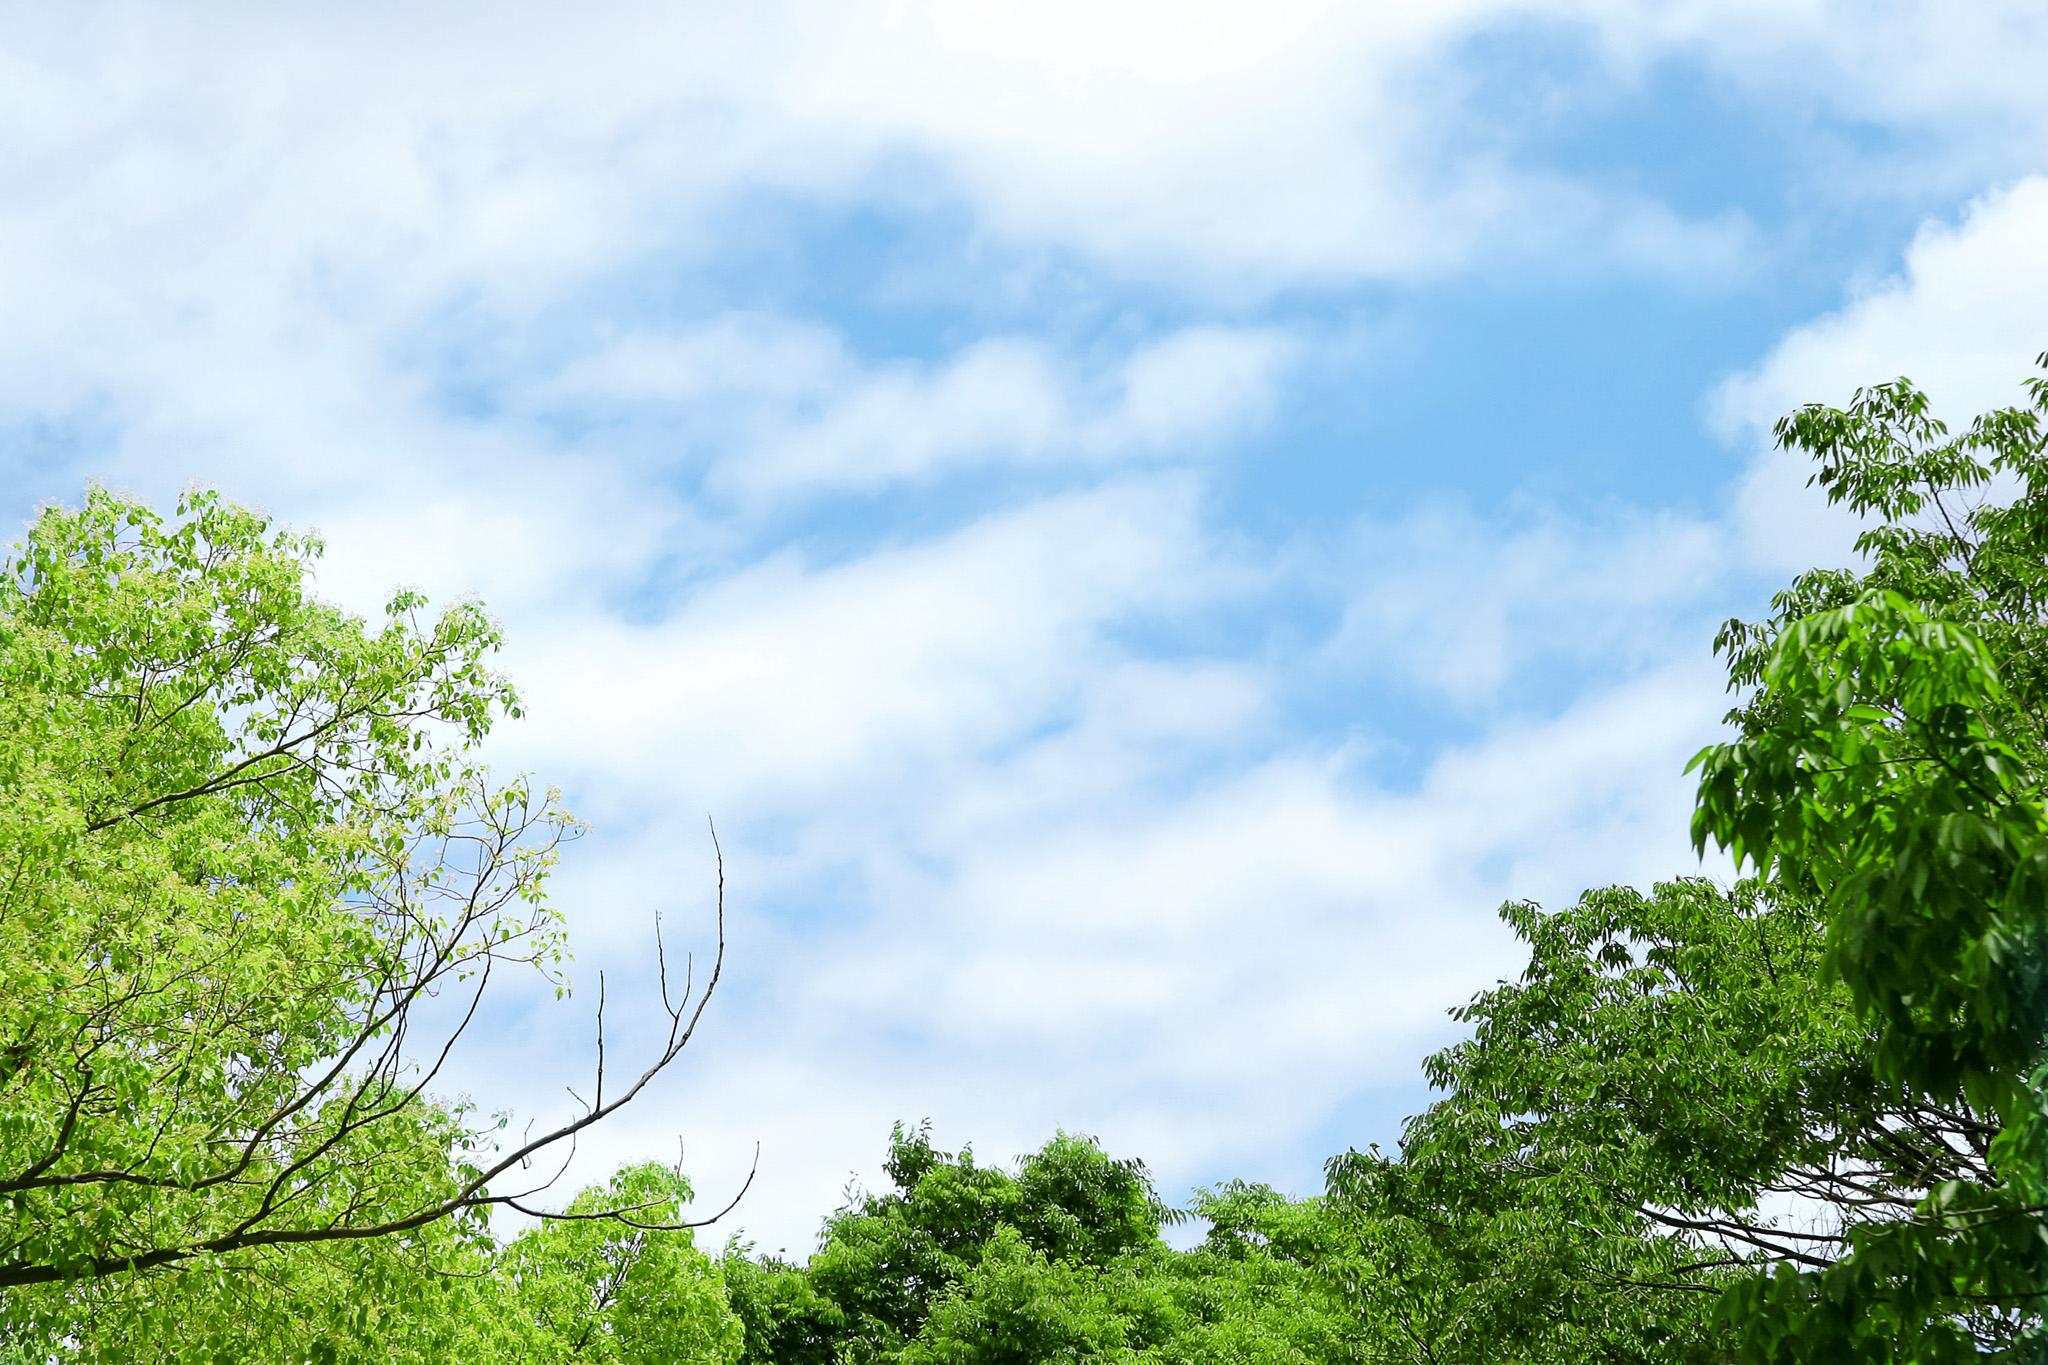 「新緑の木々と穏やかな空」